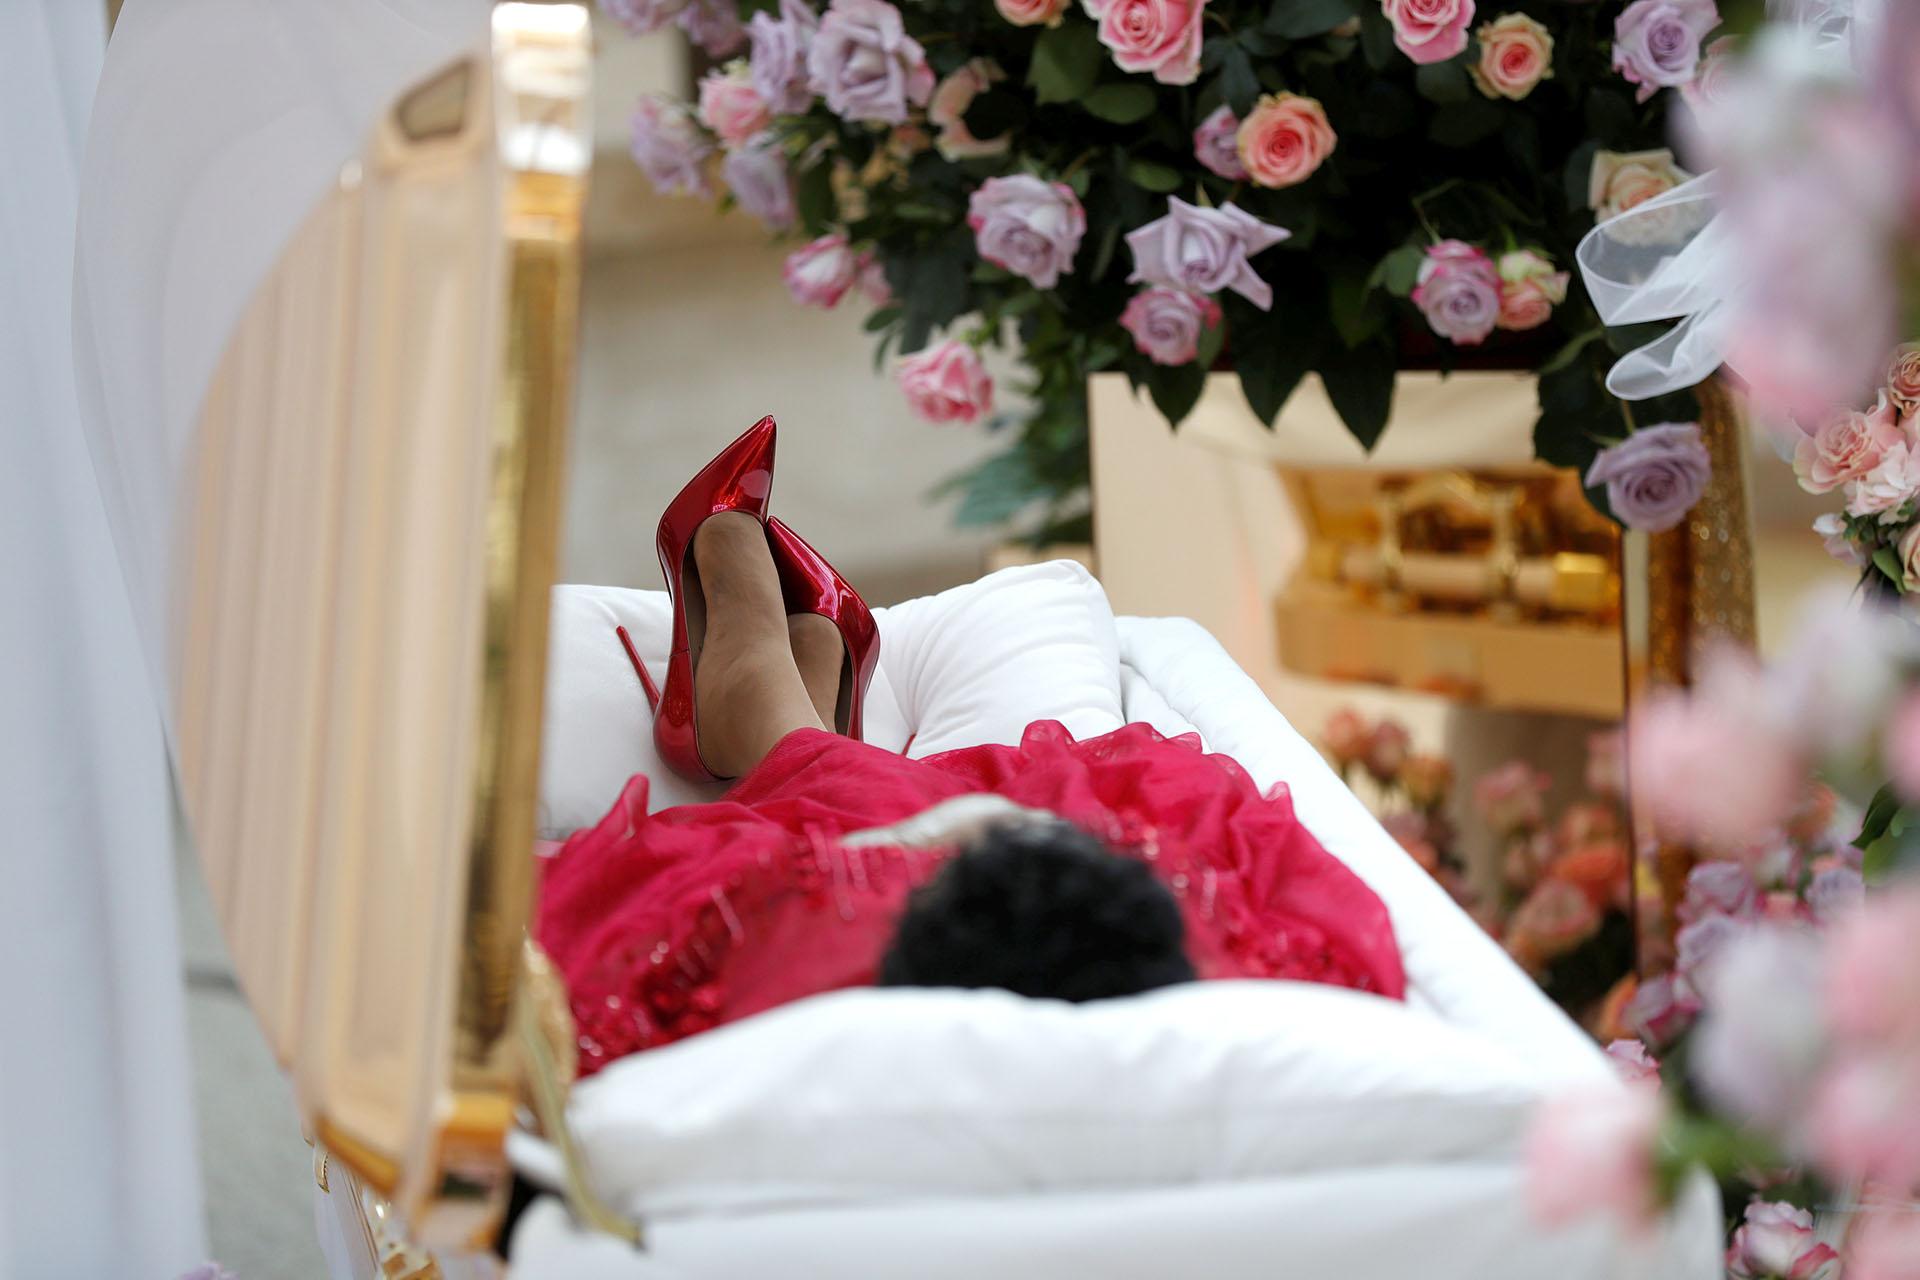 El cuerpo de la cantante estadounidense Aretha Franklin fue exhibido durante su velatorio el 28 de agosto